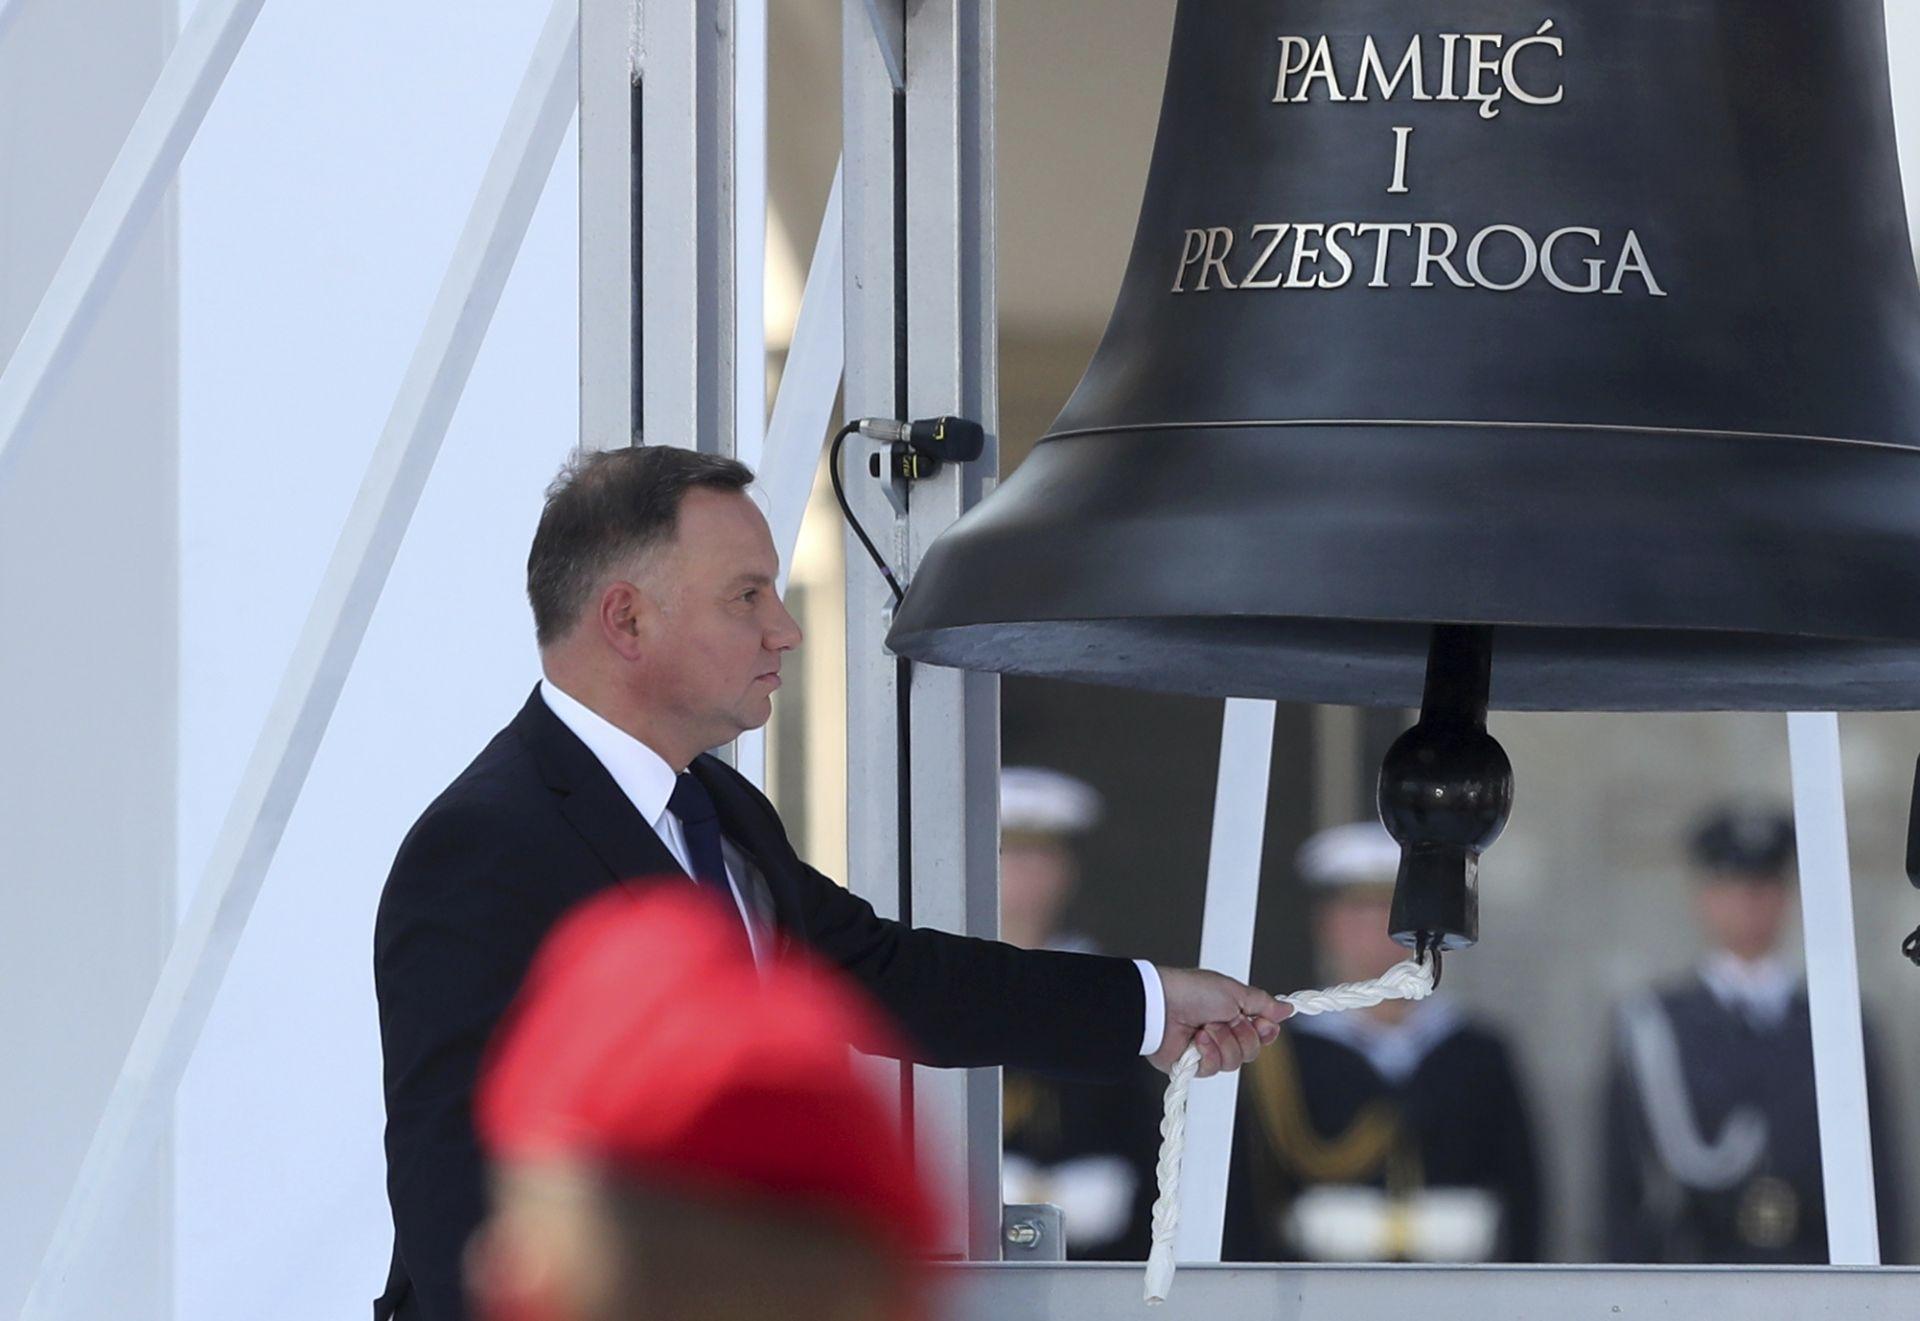 Полският президент Анджей Дуда бие Камбаната на паметта